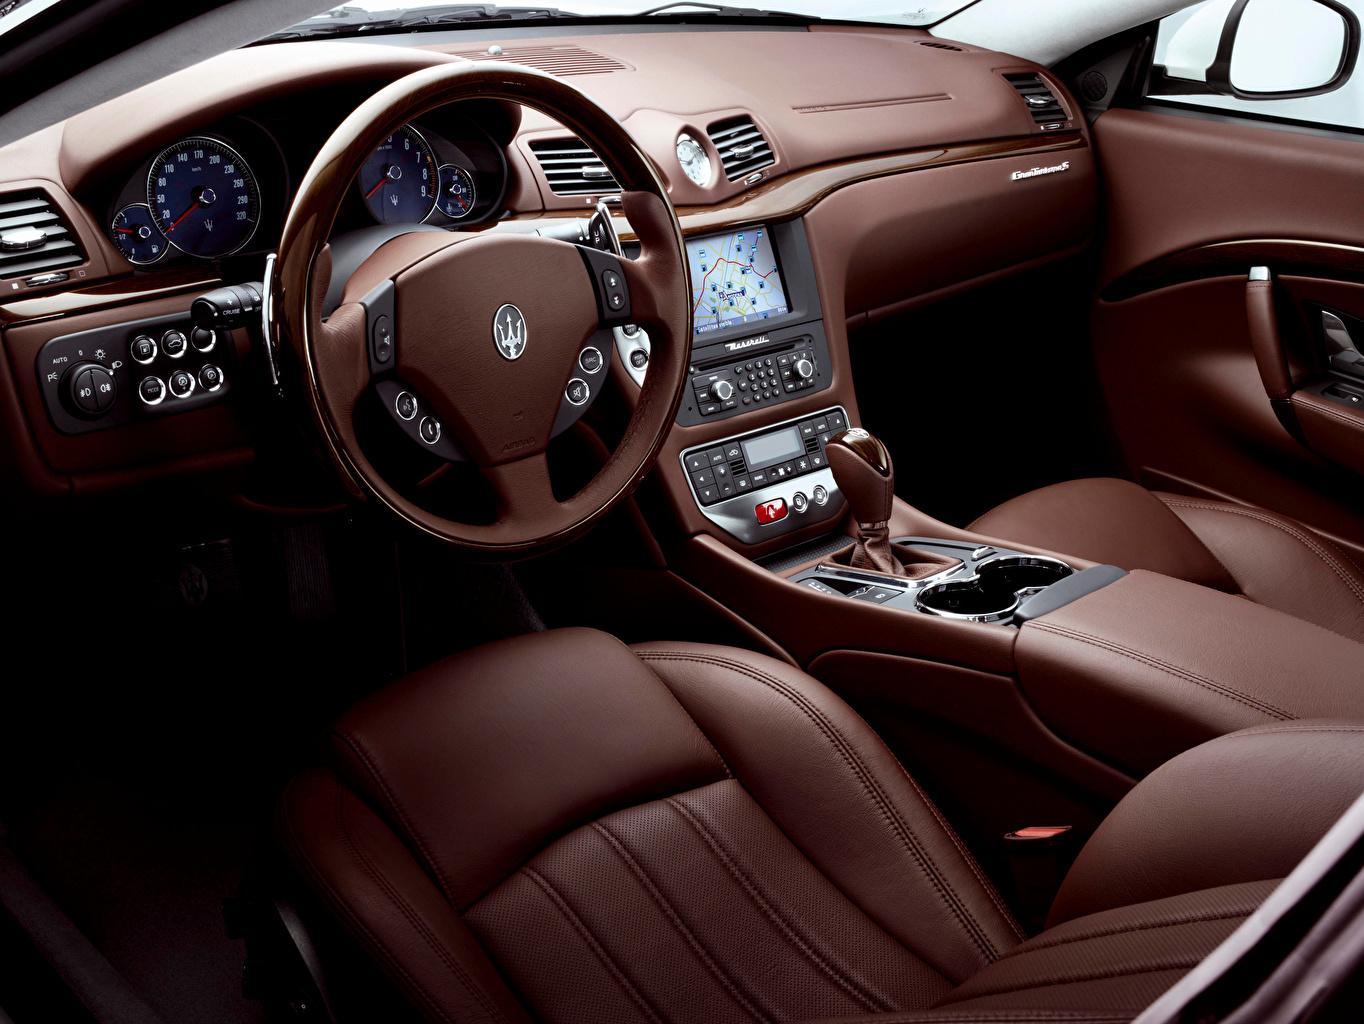 Фотографии Maserati Салоны Автомобильный руль GranTurismo S Automatic, Worldwide, 2009–12 Кожа материал Автомобили Мазерати Рулевое колесо кожаный авто машины машина автомобиль